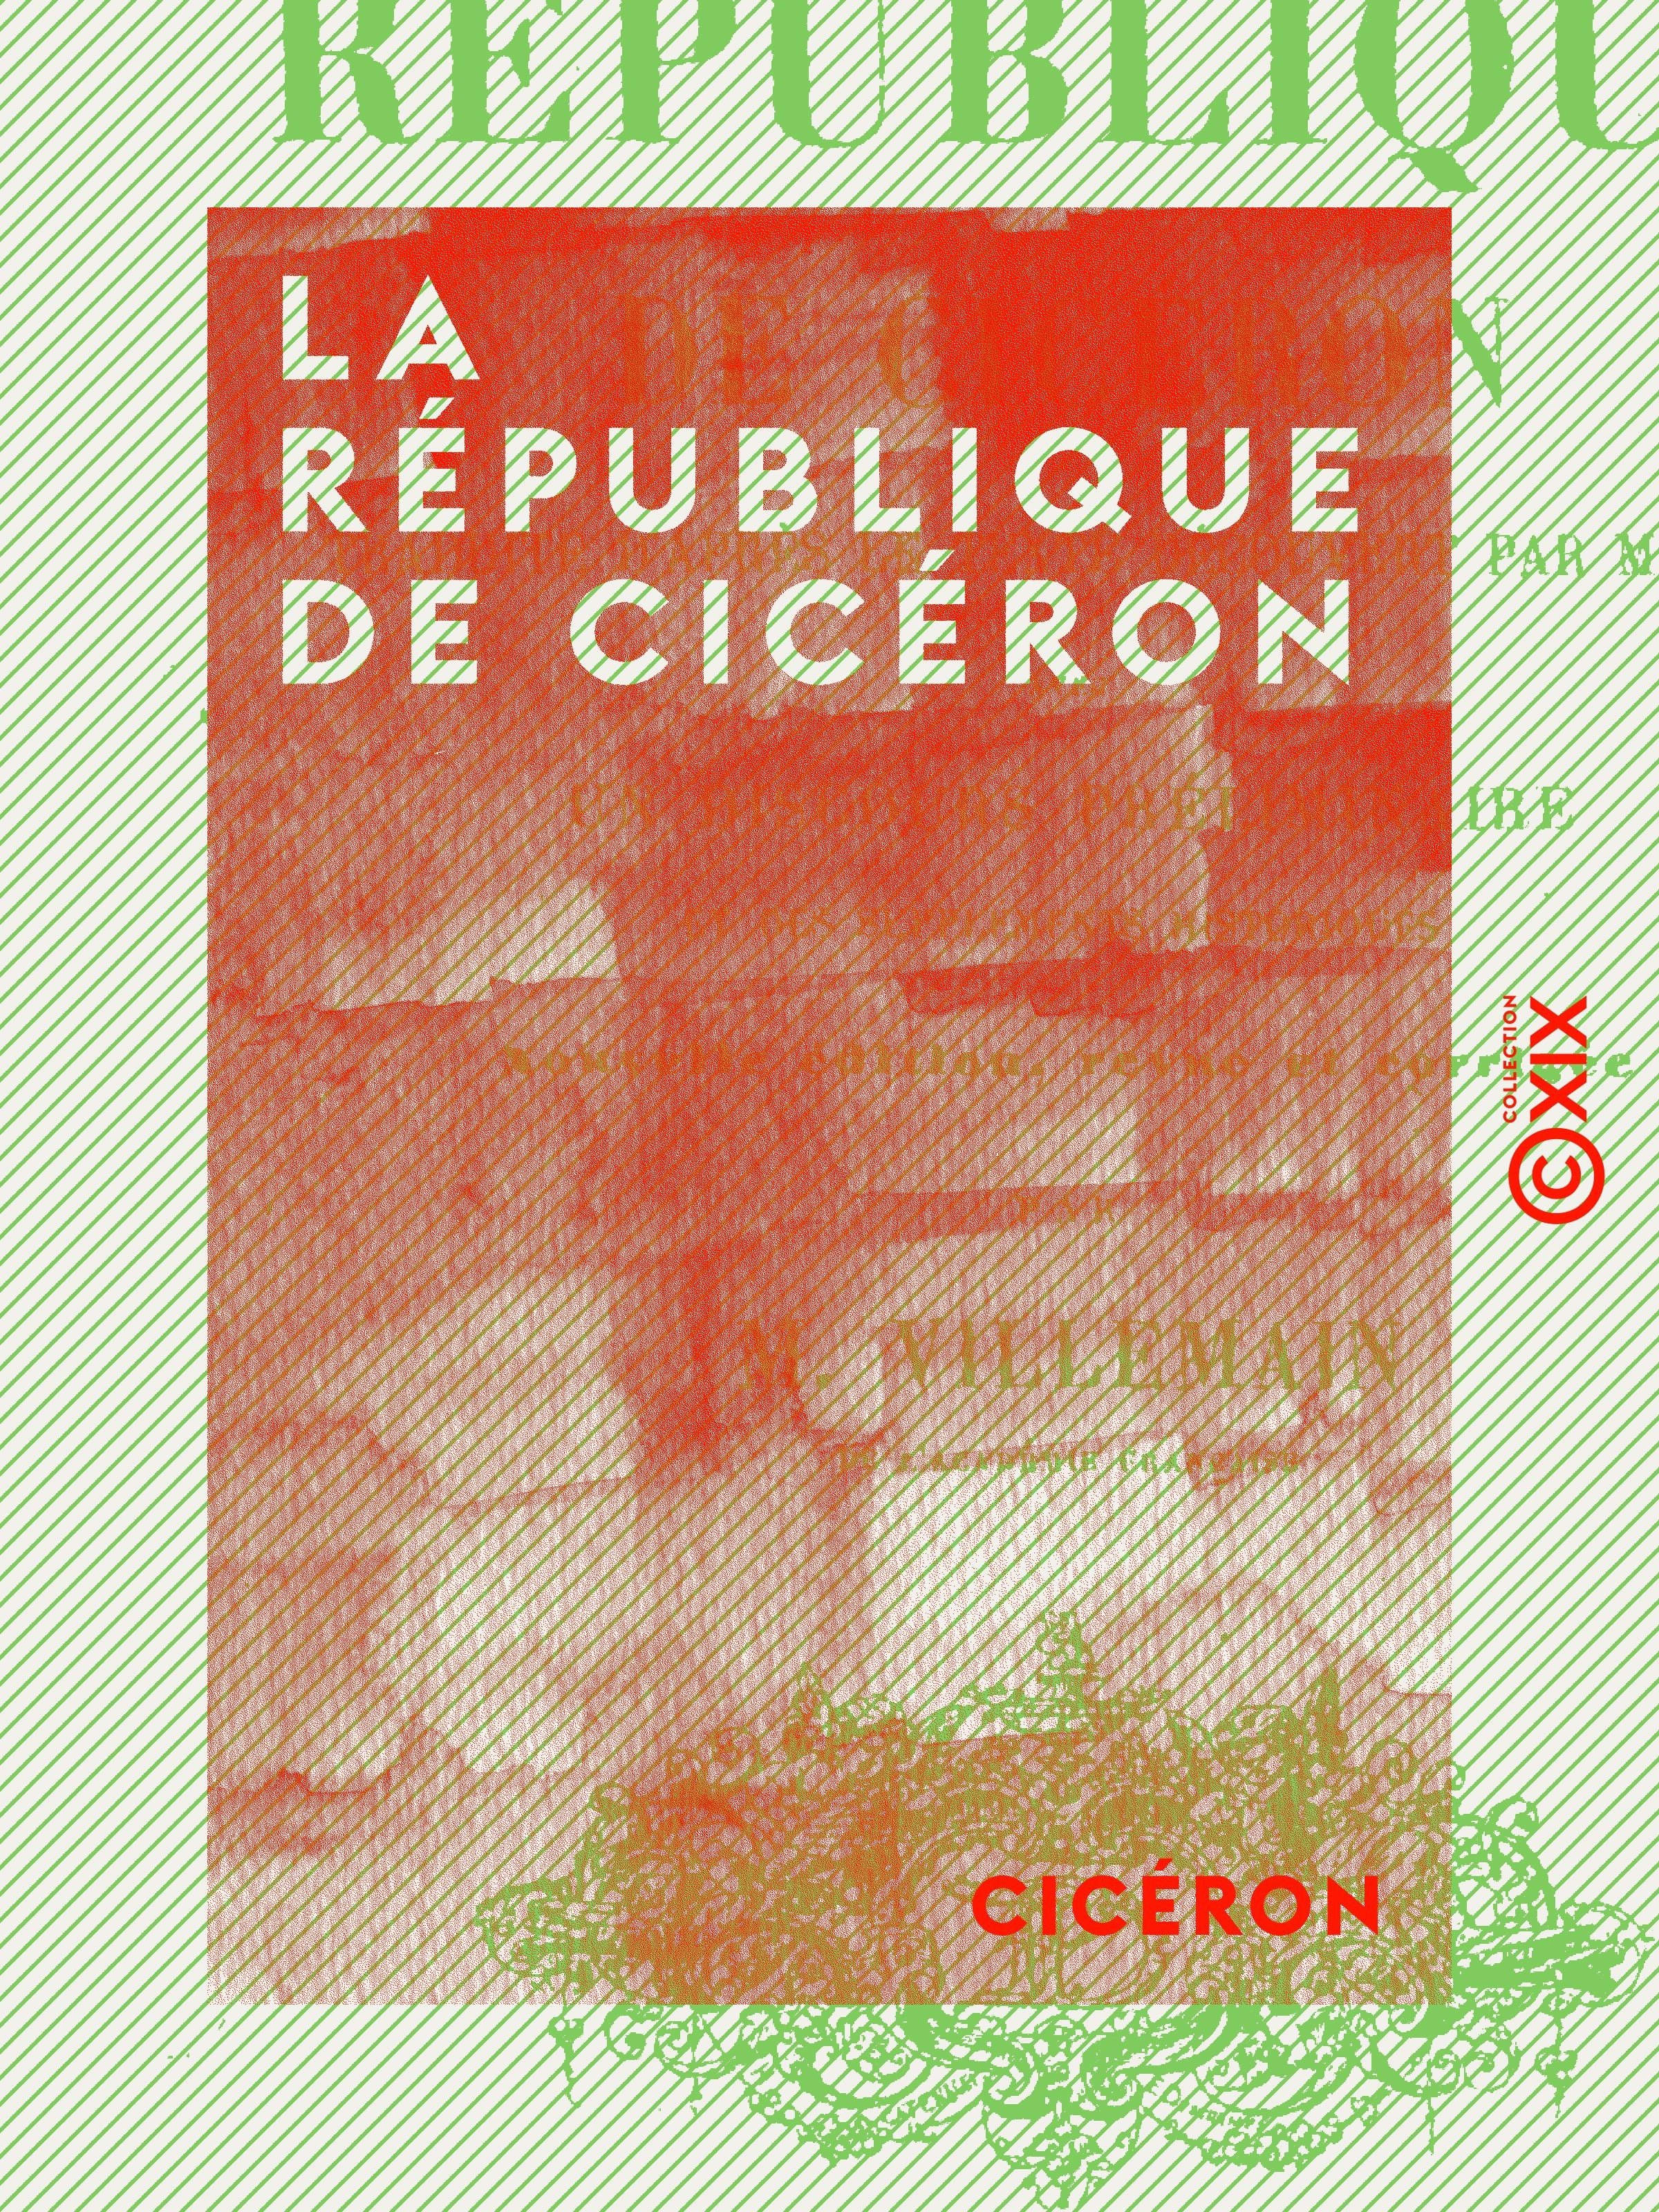 La République de Cicéron